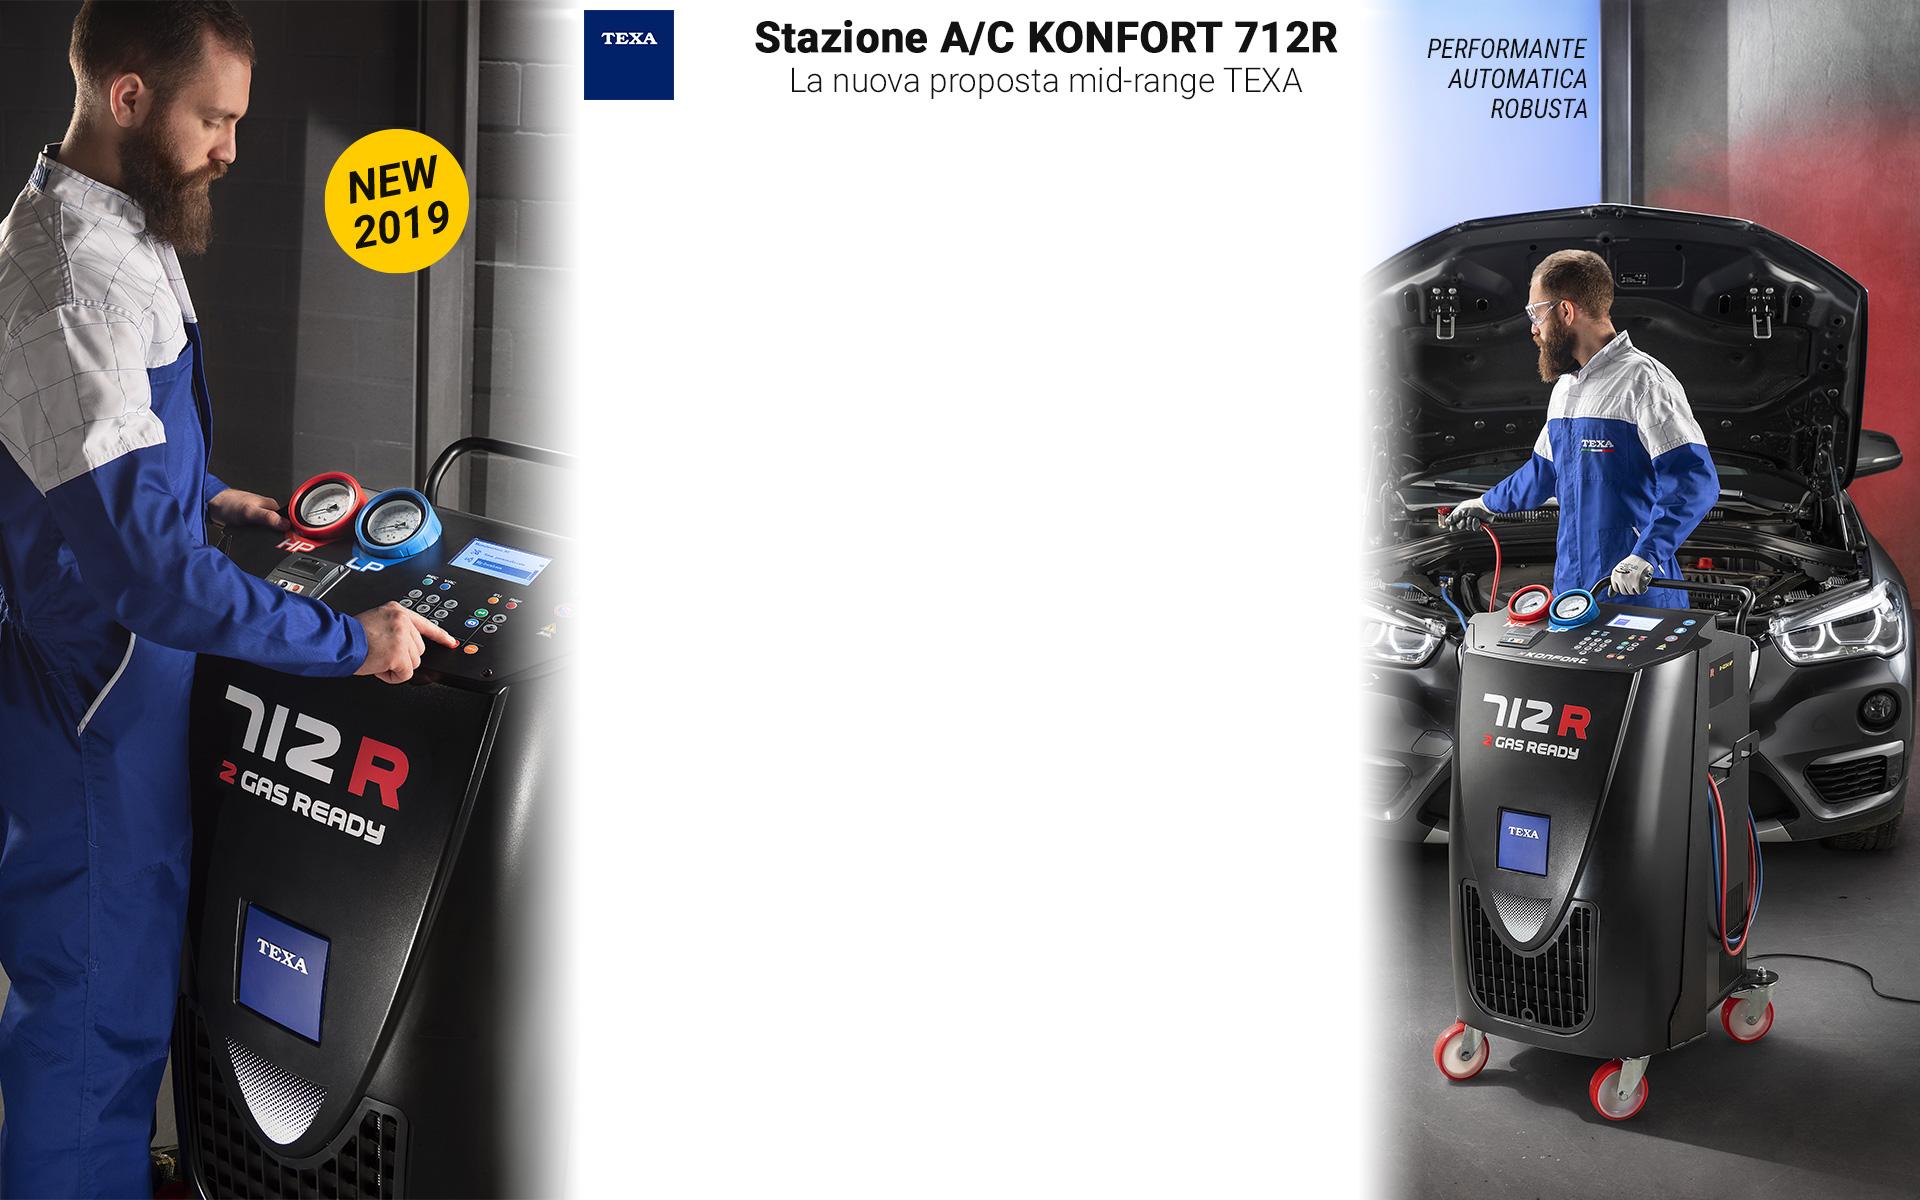 Nuovo Stazione Aria Condizionata TEXA Konfort 712R